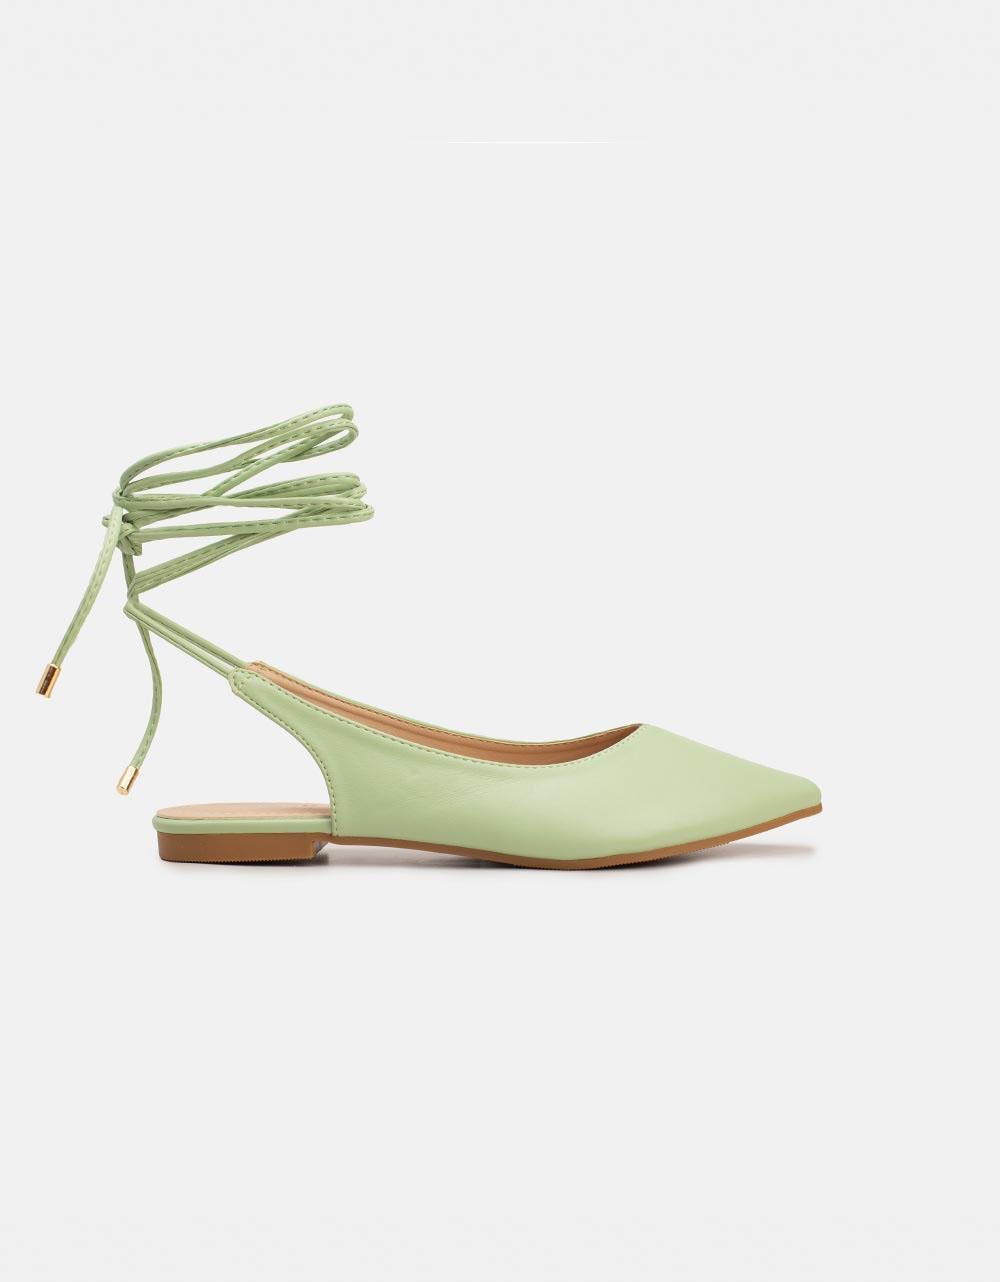 Εικόνα από Γυναικεία mules lace up με χαμηλό τακούνι Πράσινο